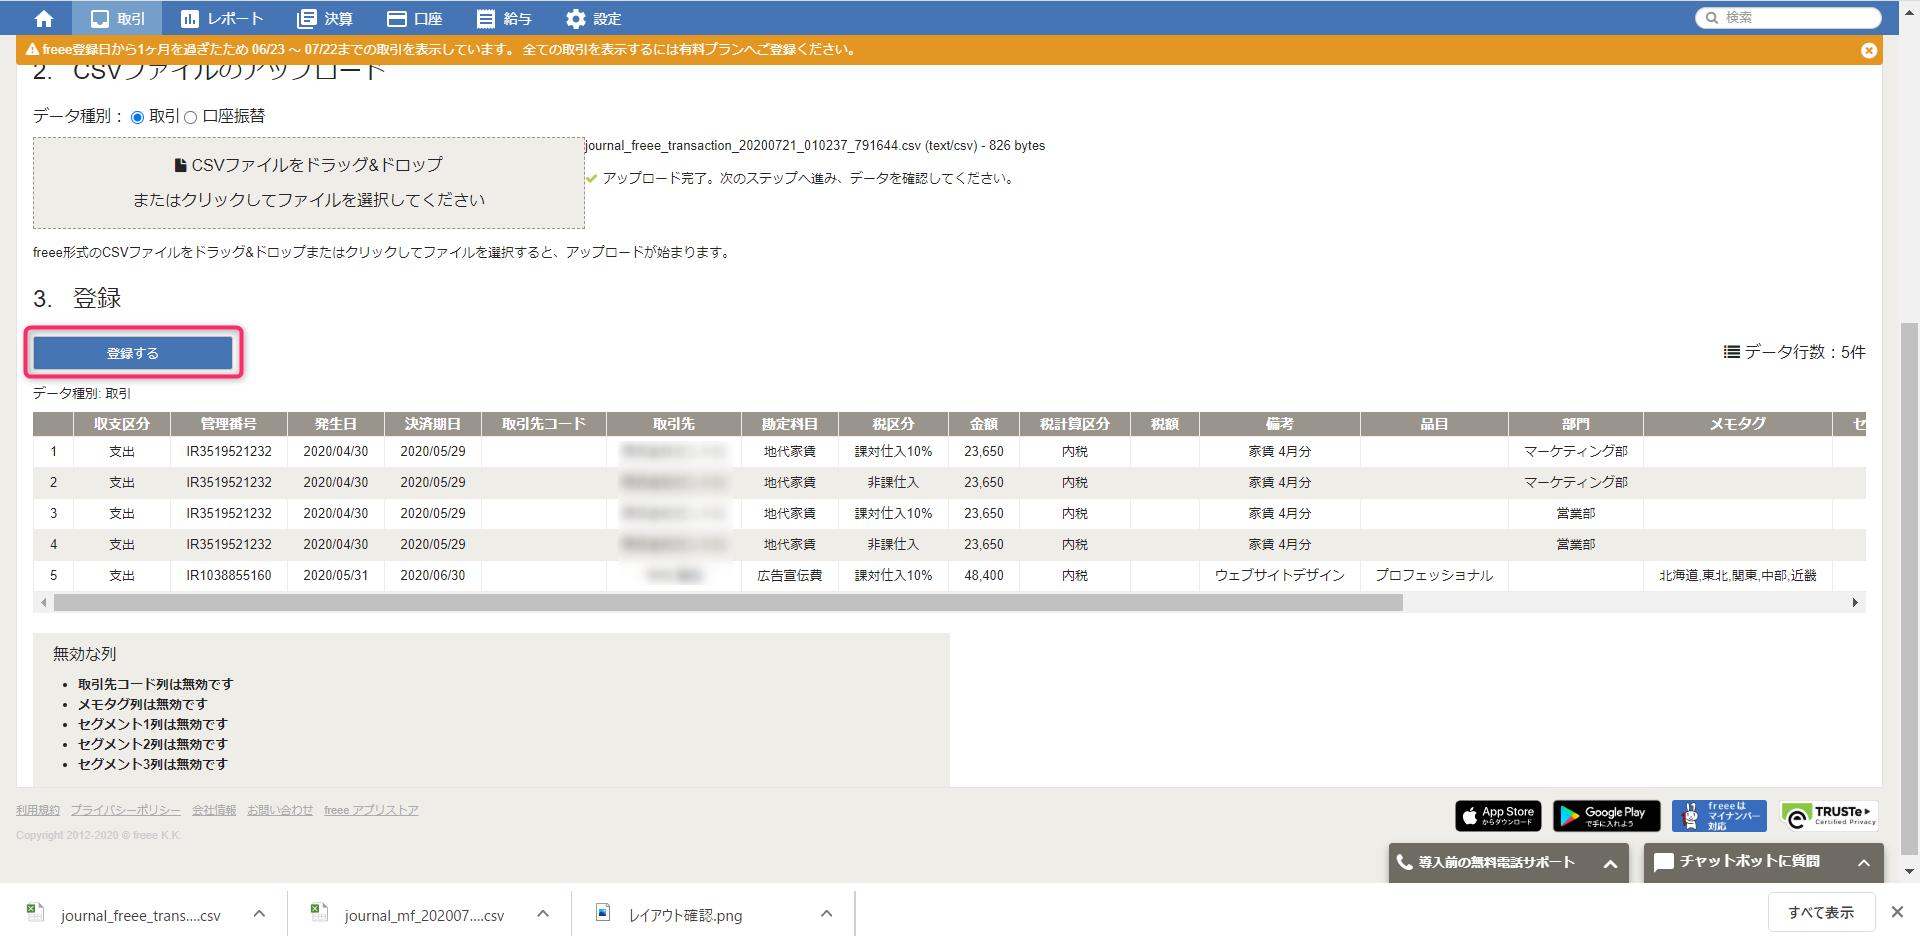 インポート内容の登録